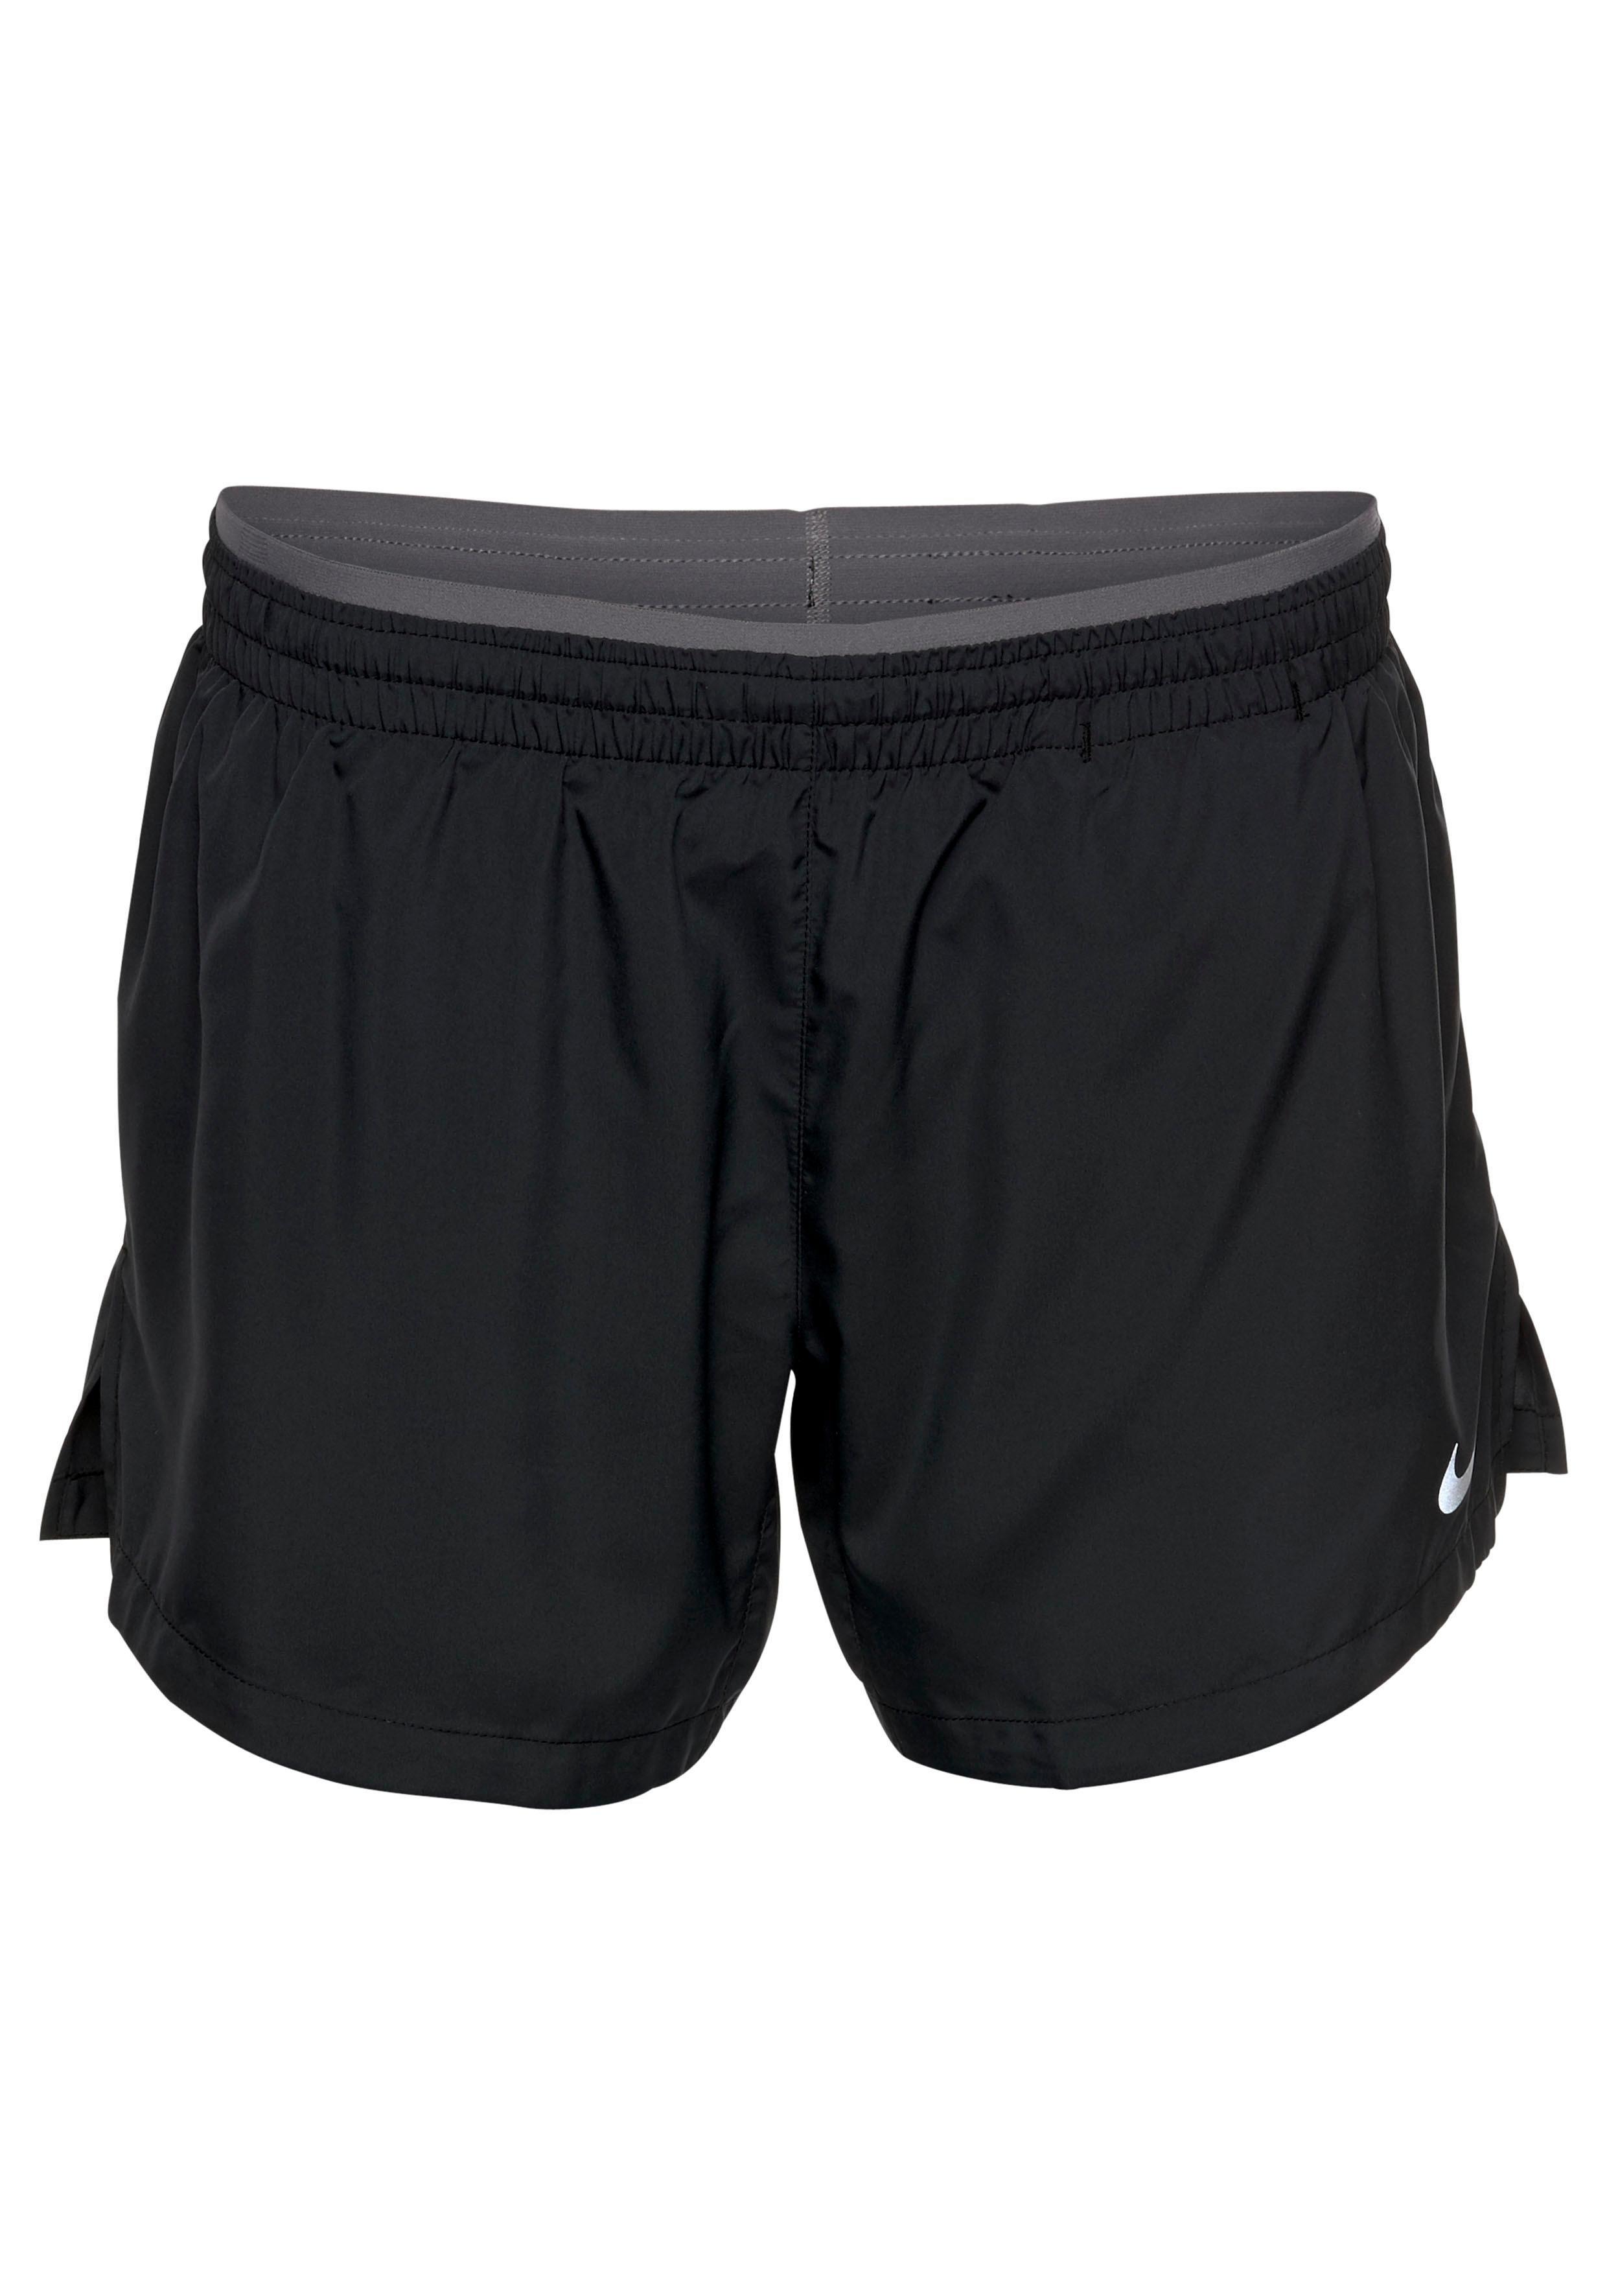 5in Gevonden Runningshortnike Elevate Short Nike Snel rdBoCxe